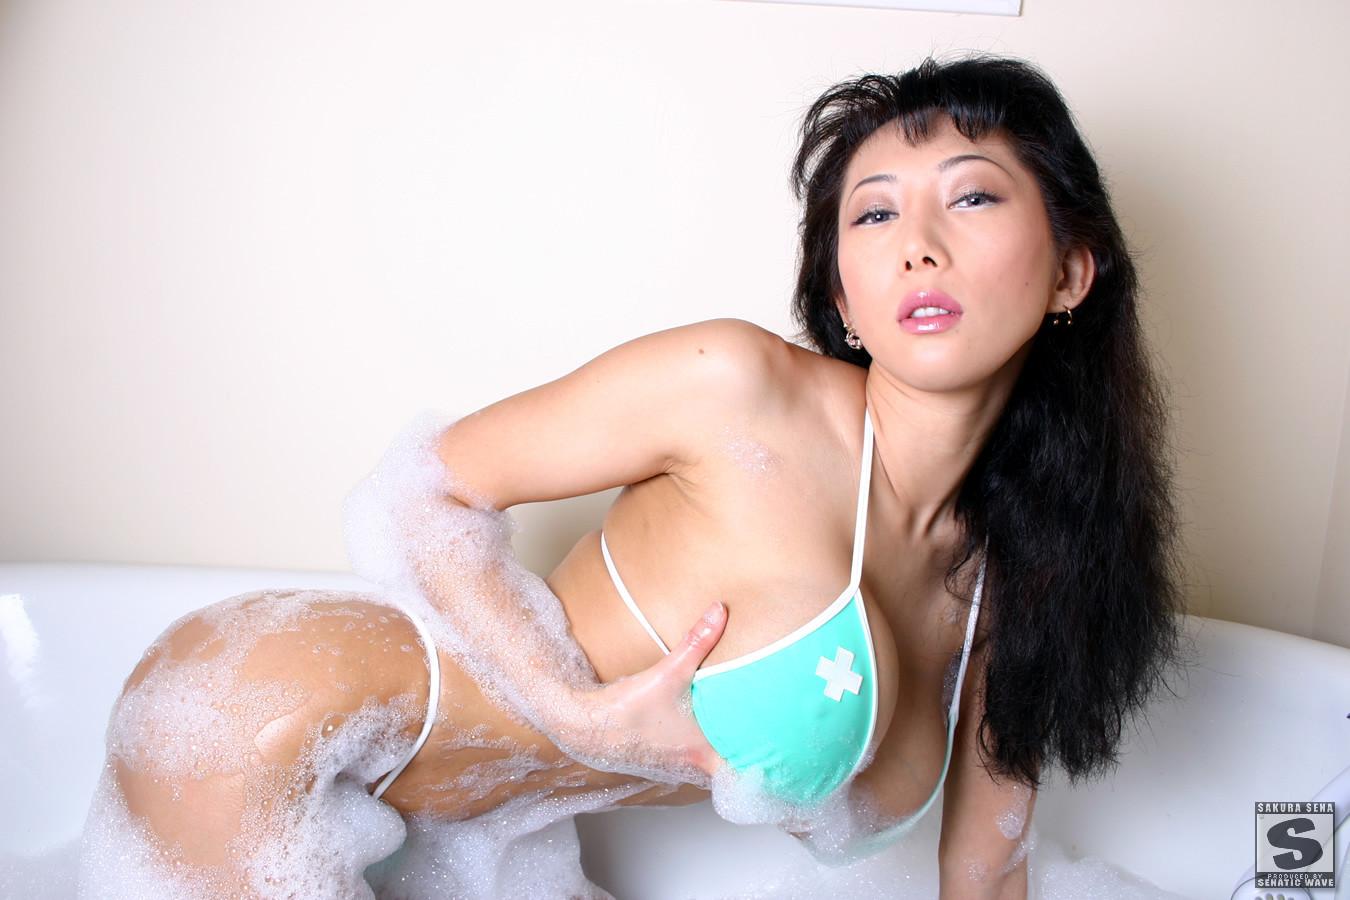 Смотреть порно онлайн sakura sena, Большие Сиськи Азиатки Sakura Sena Asian Big Tits 2 фотография